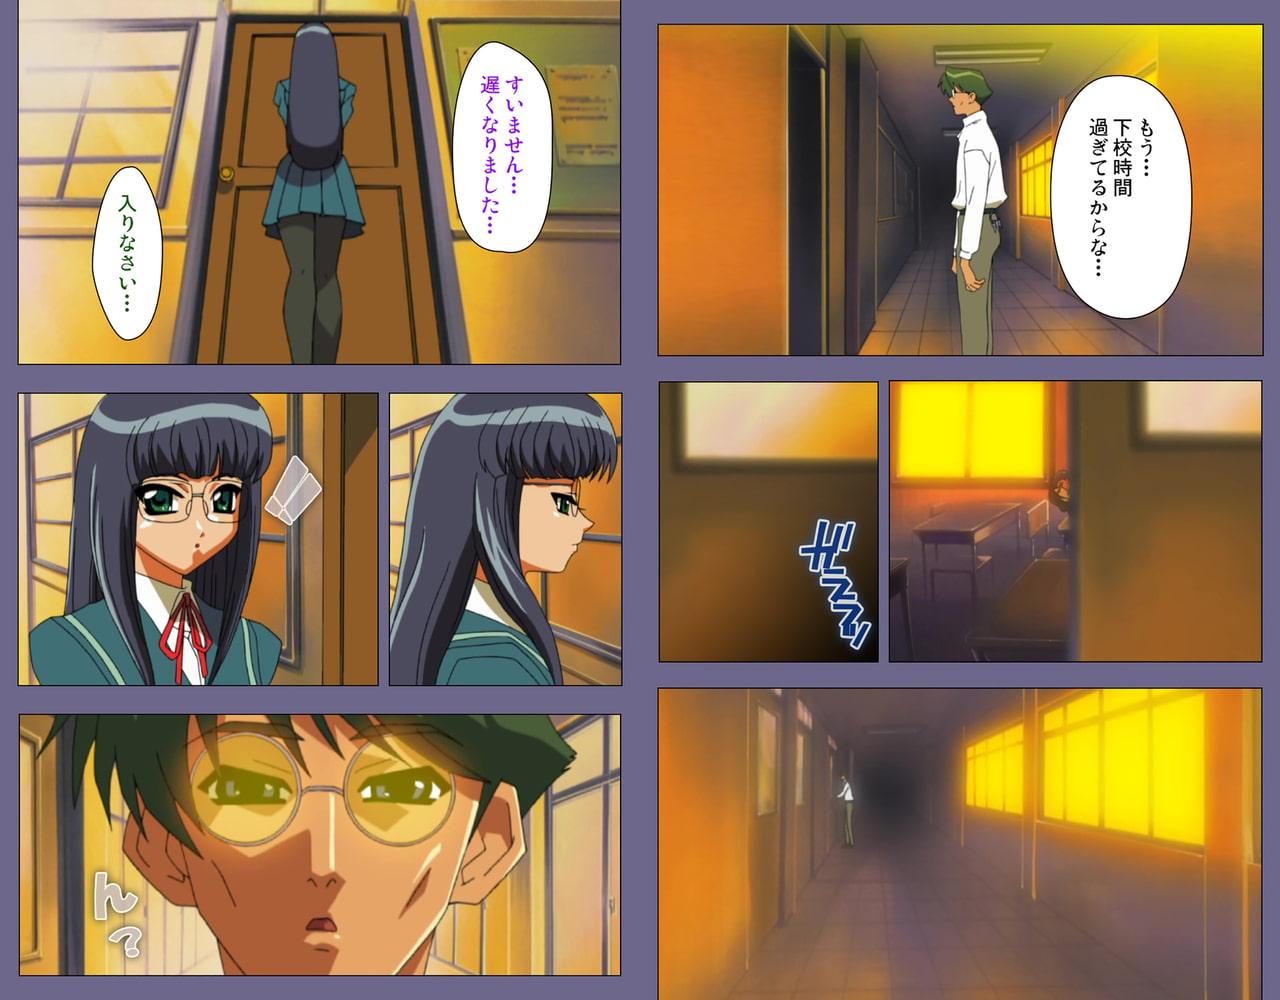 懲らしめ 完全版【フルカラー成人版】